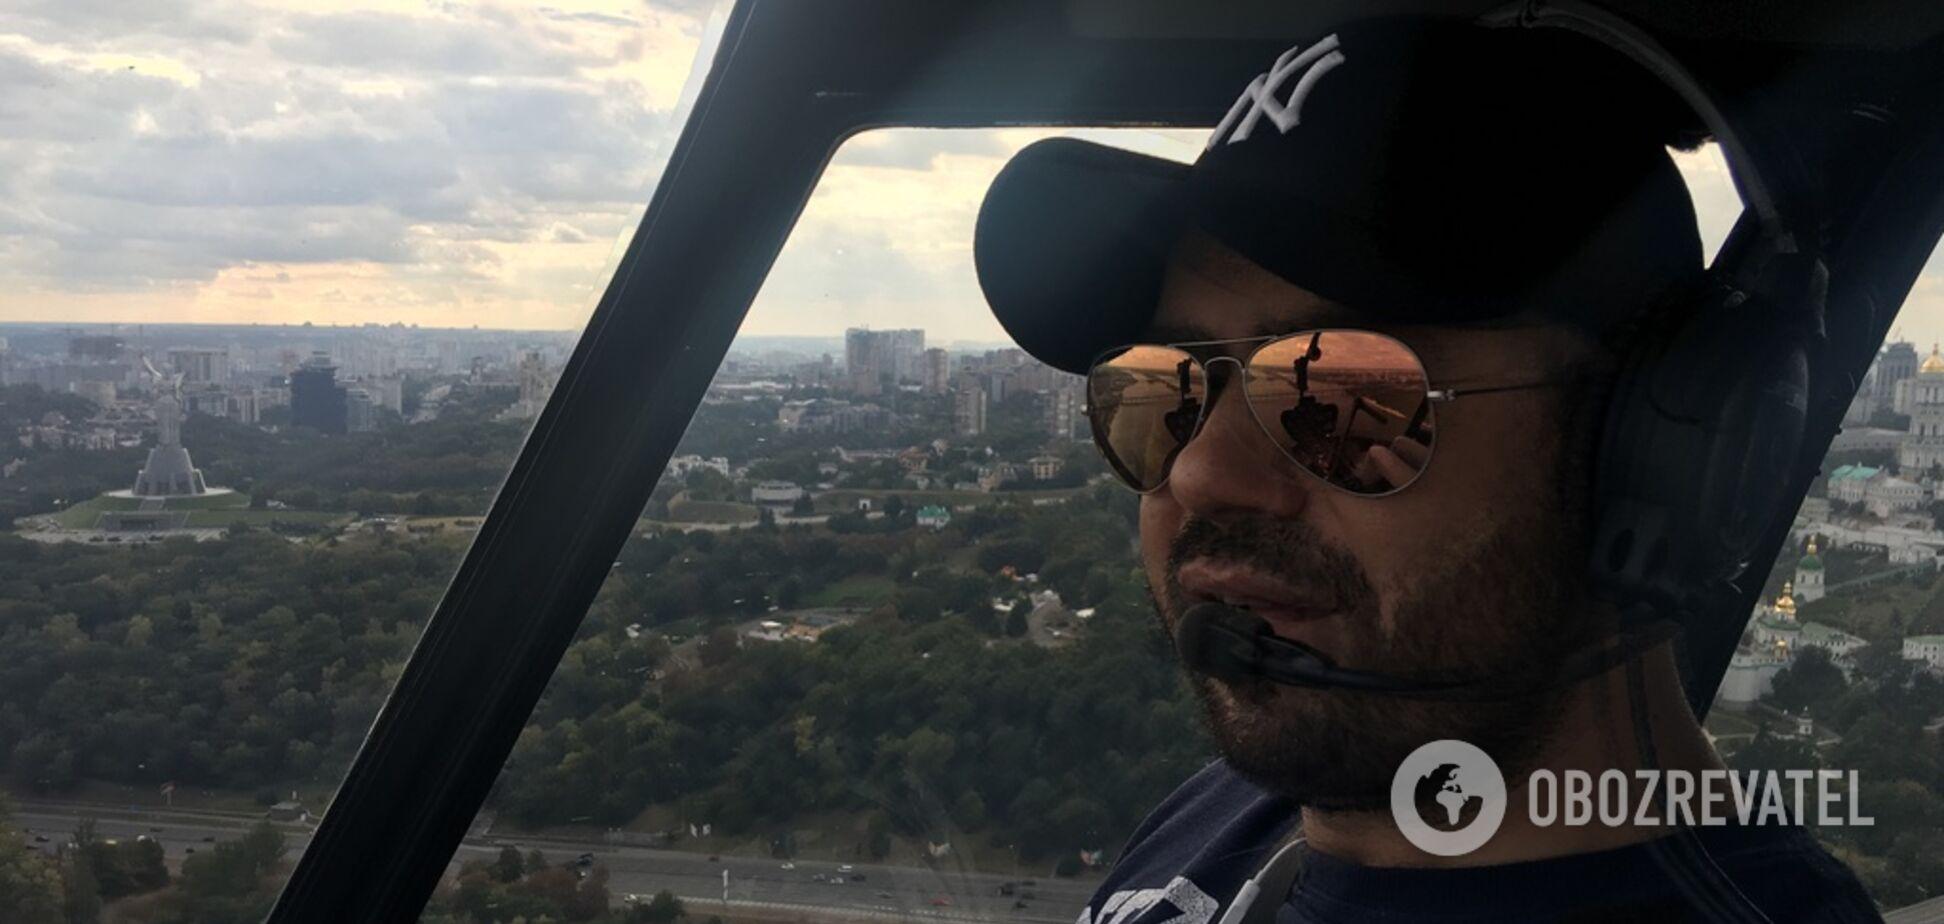 'Не дорожче обслуговування авто': що потрібно знати про польоти на гелікоптері в Україні